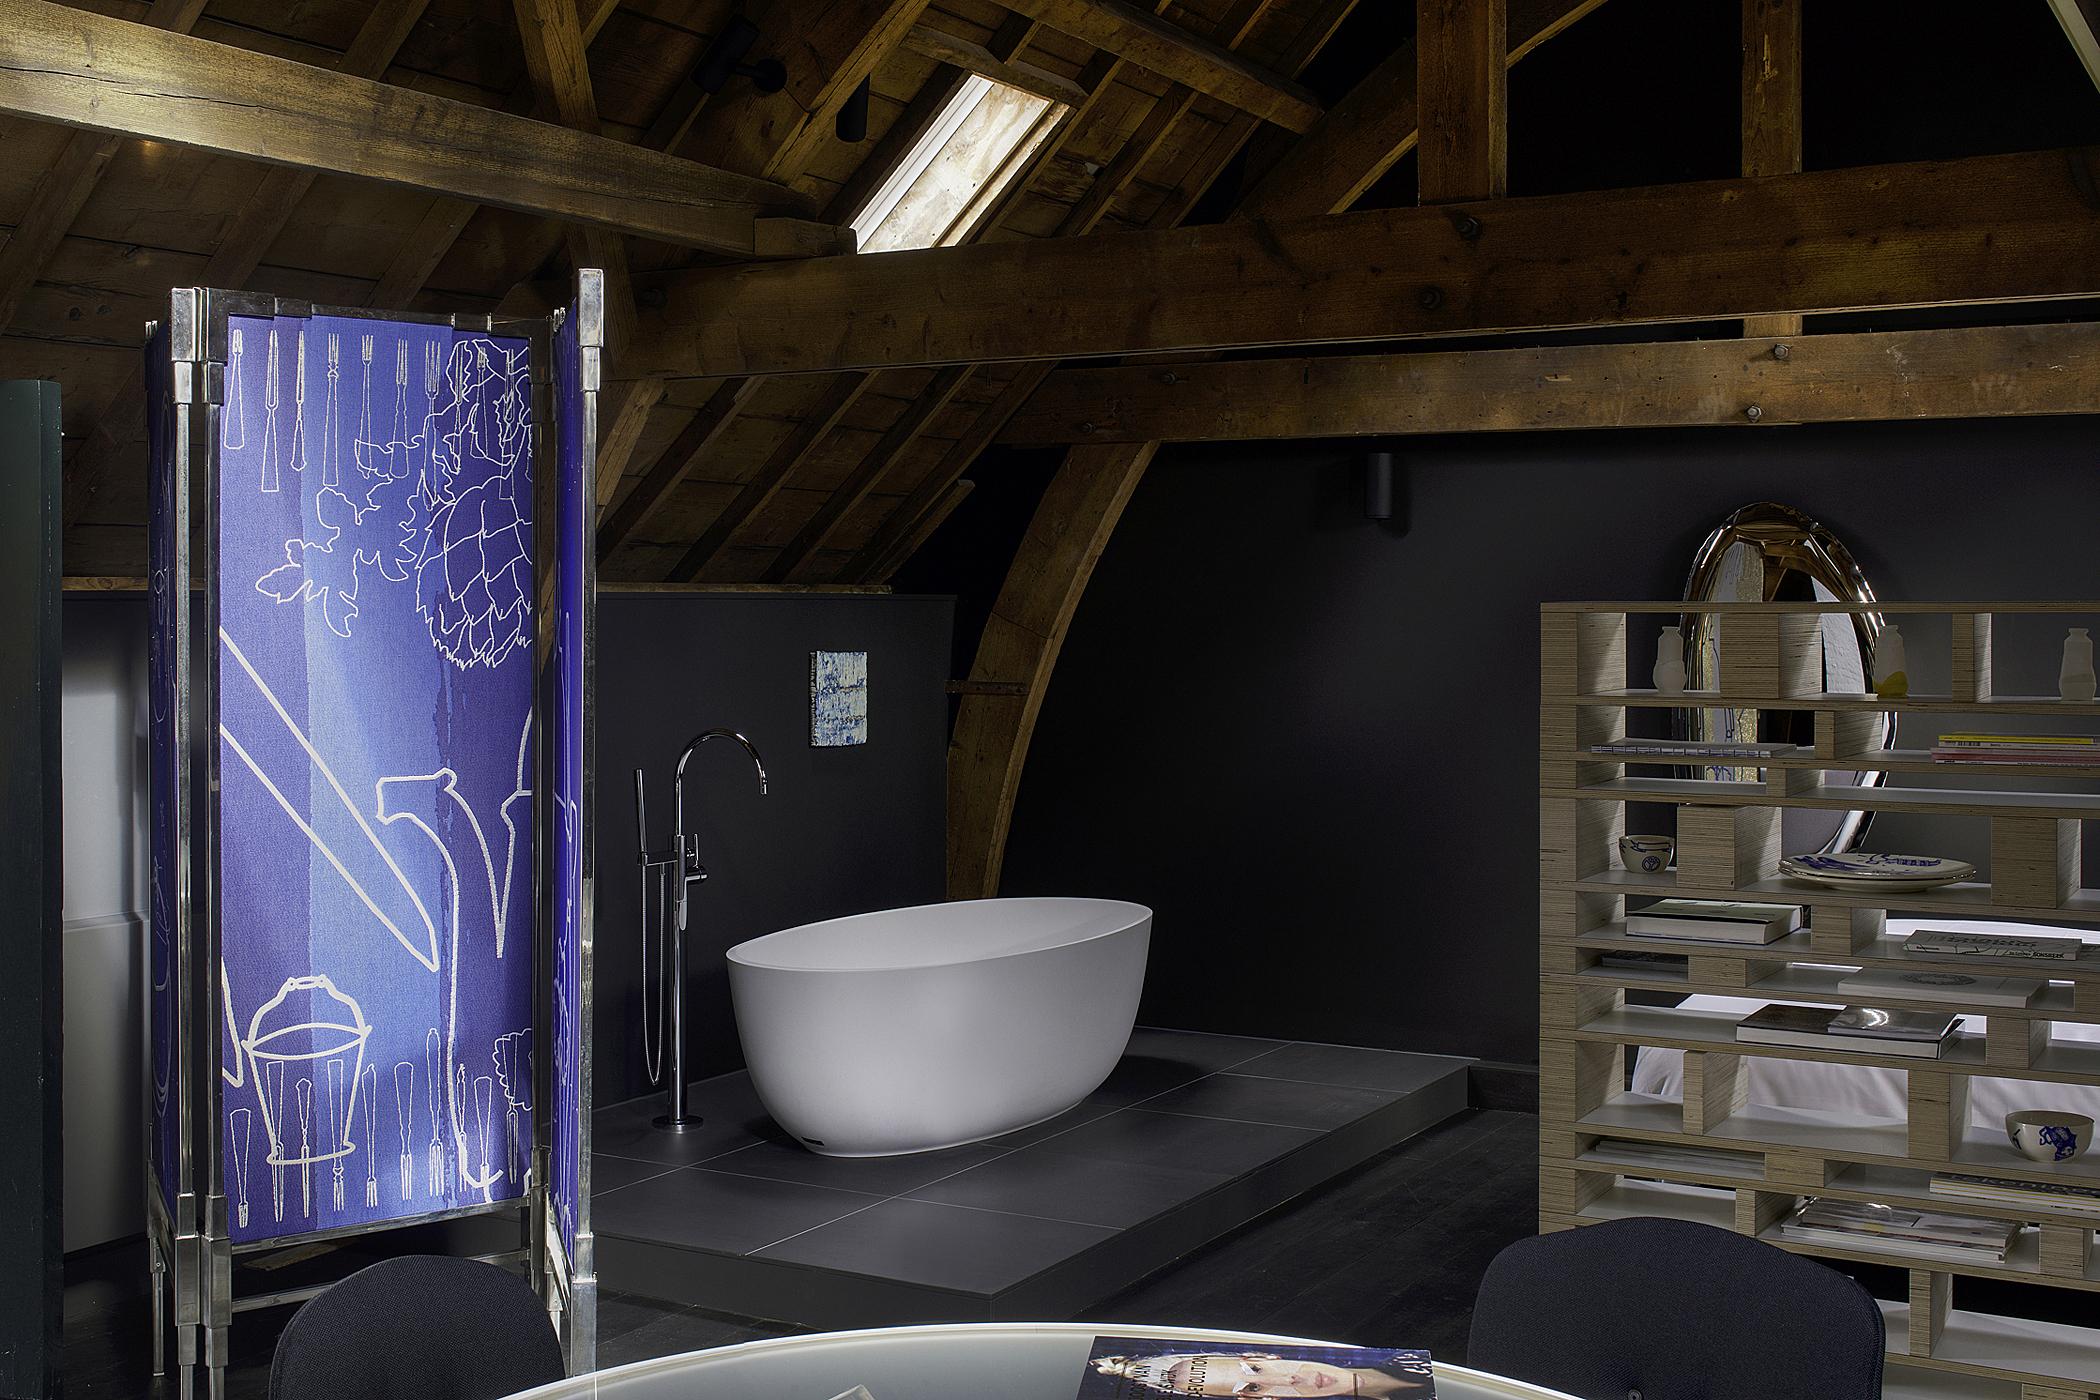 Kazerne Hay Loft Bath Image Patrick Meis